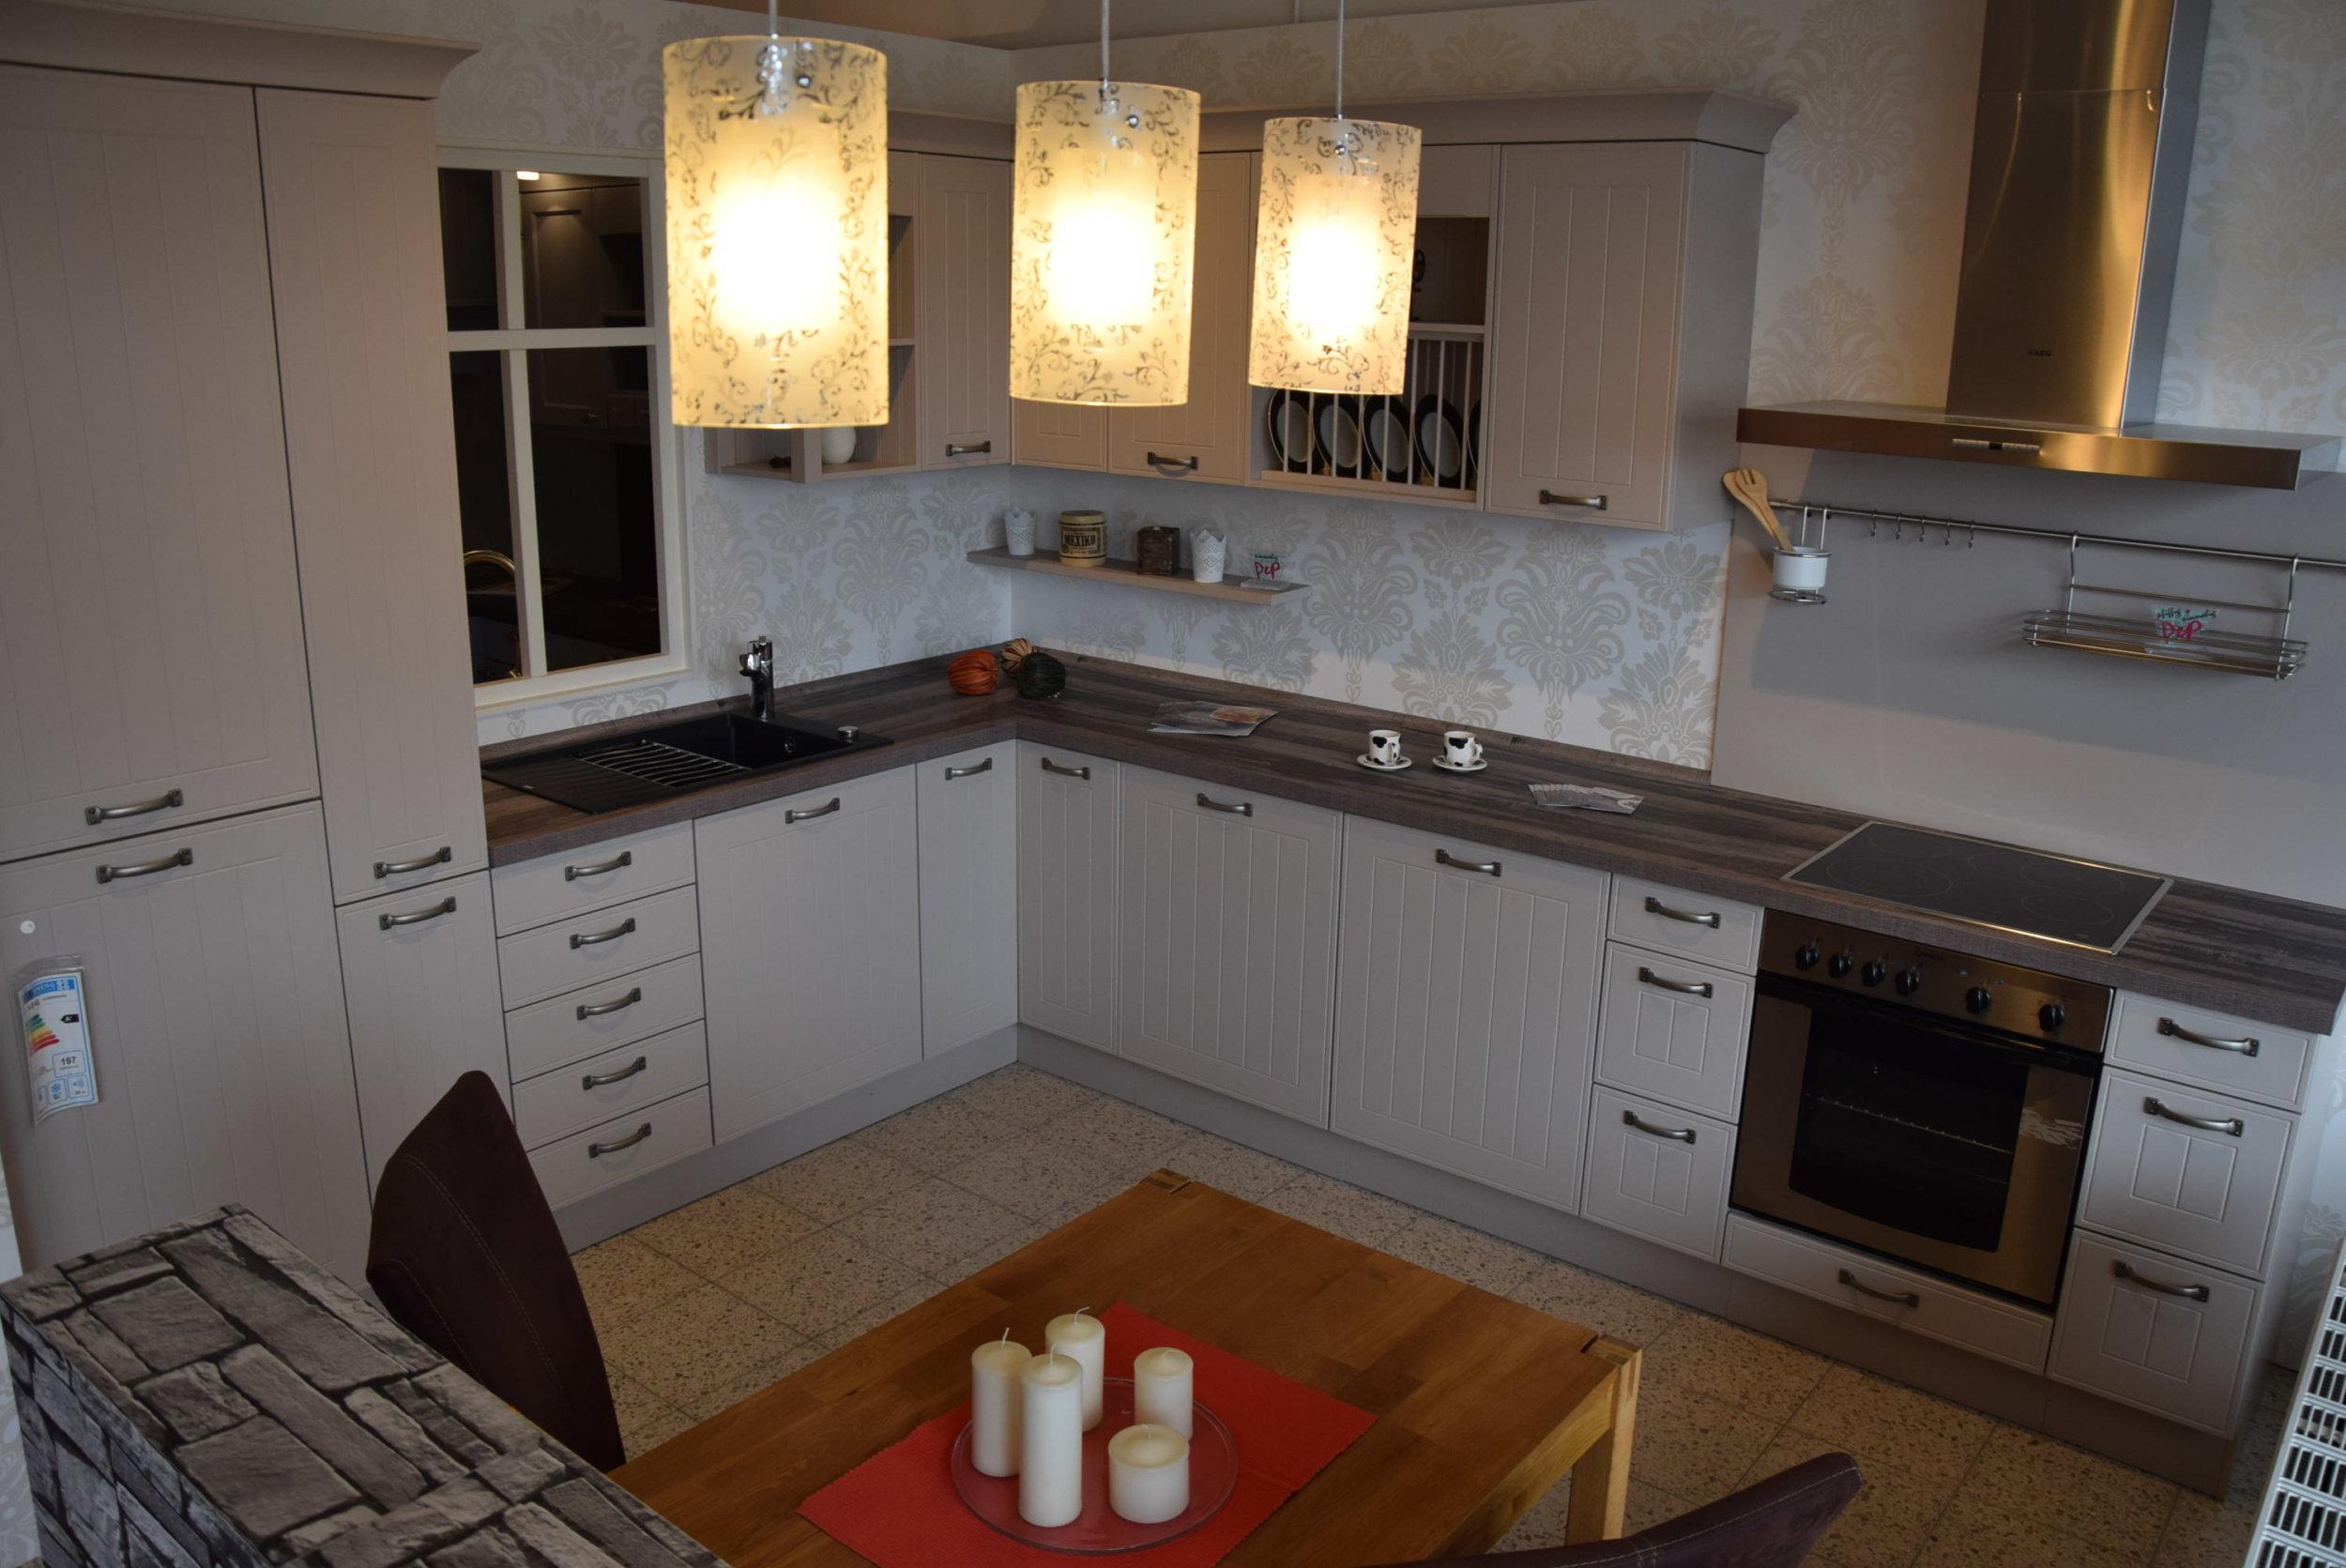 Full Size of Einbaugeräte Küche Günstig Kaufen Küche Günstig Kaufen österreich Küche Günstig Kaufen Mit Elektrogeräten Wandblende Küche Günstig Kaufen Küche Küche Günstig Kaufen